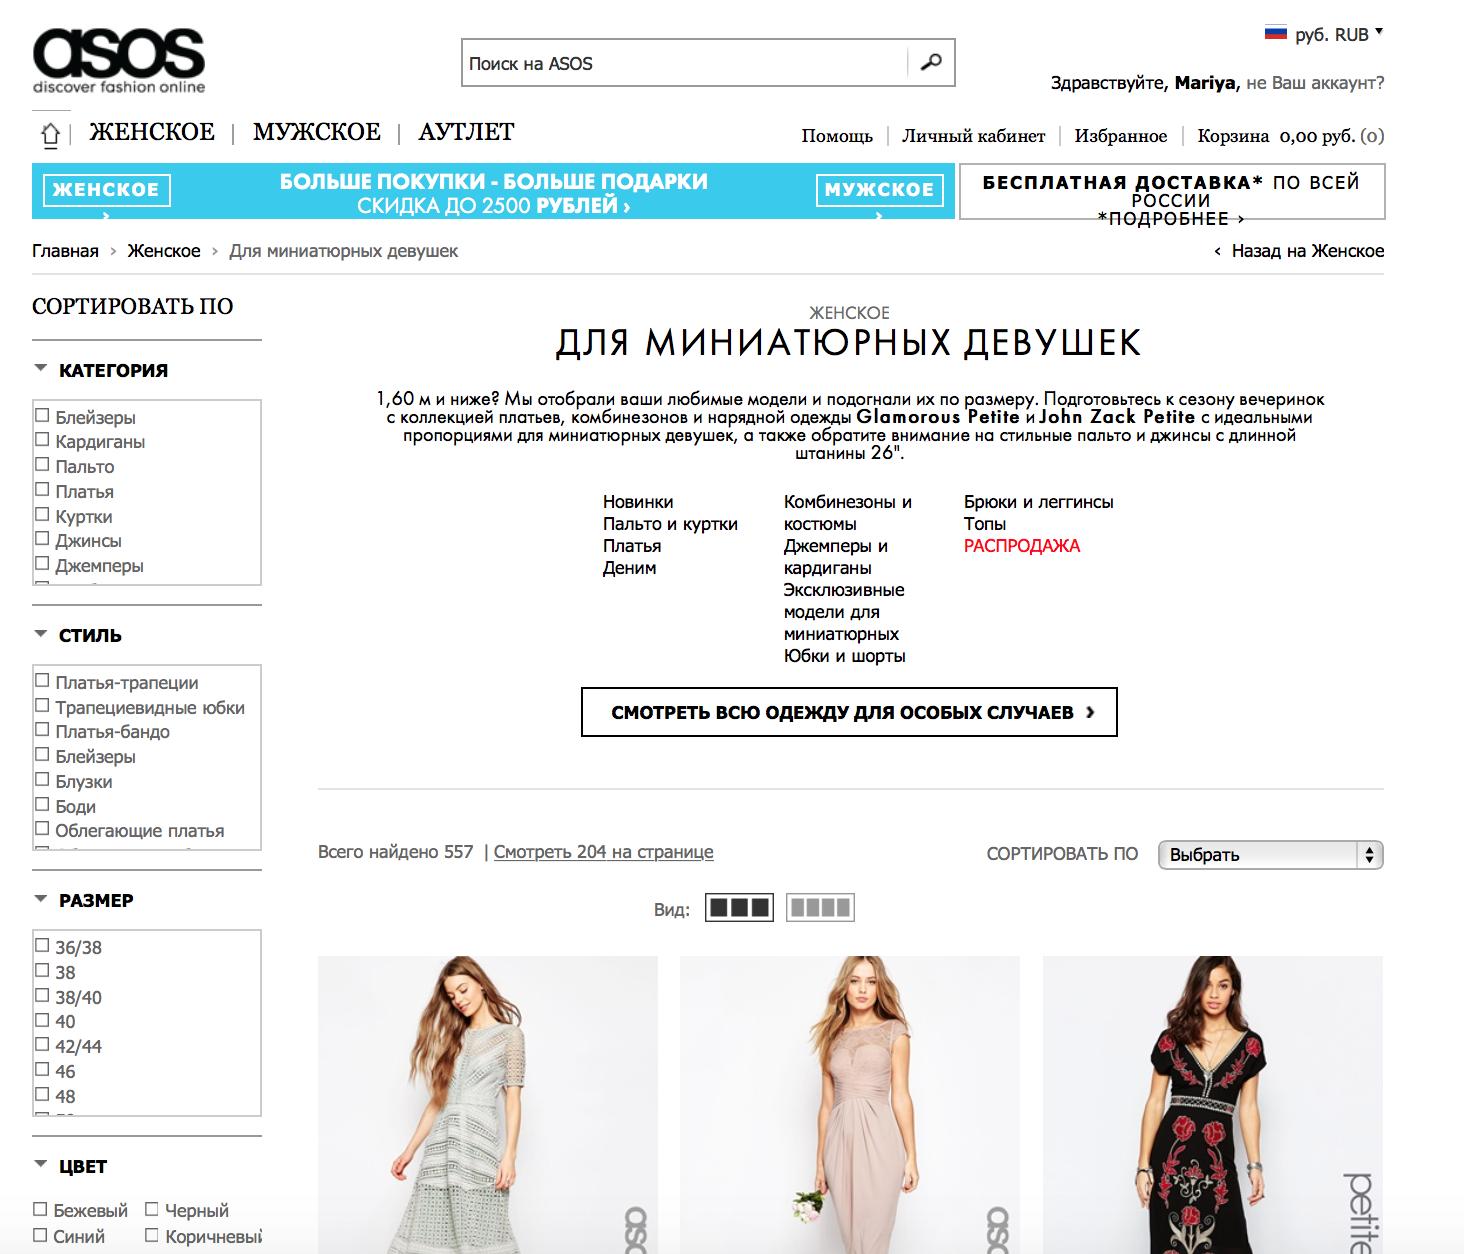 Asos Интернет Магазин Беларусь Доставка